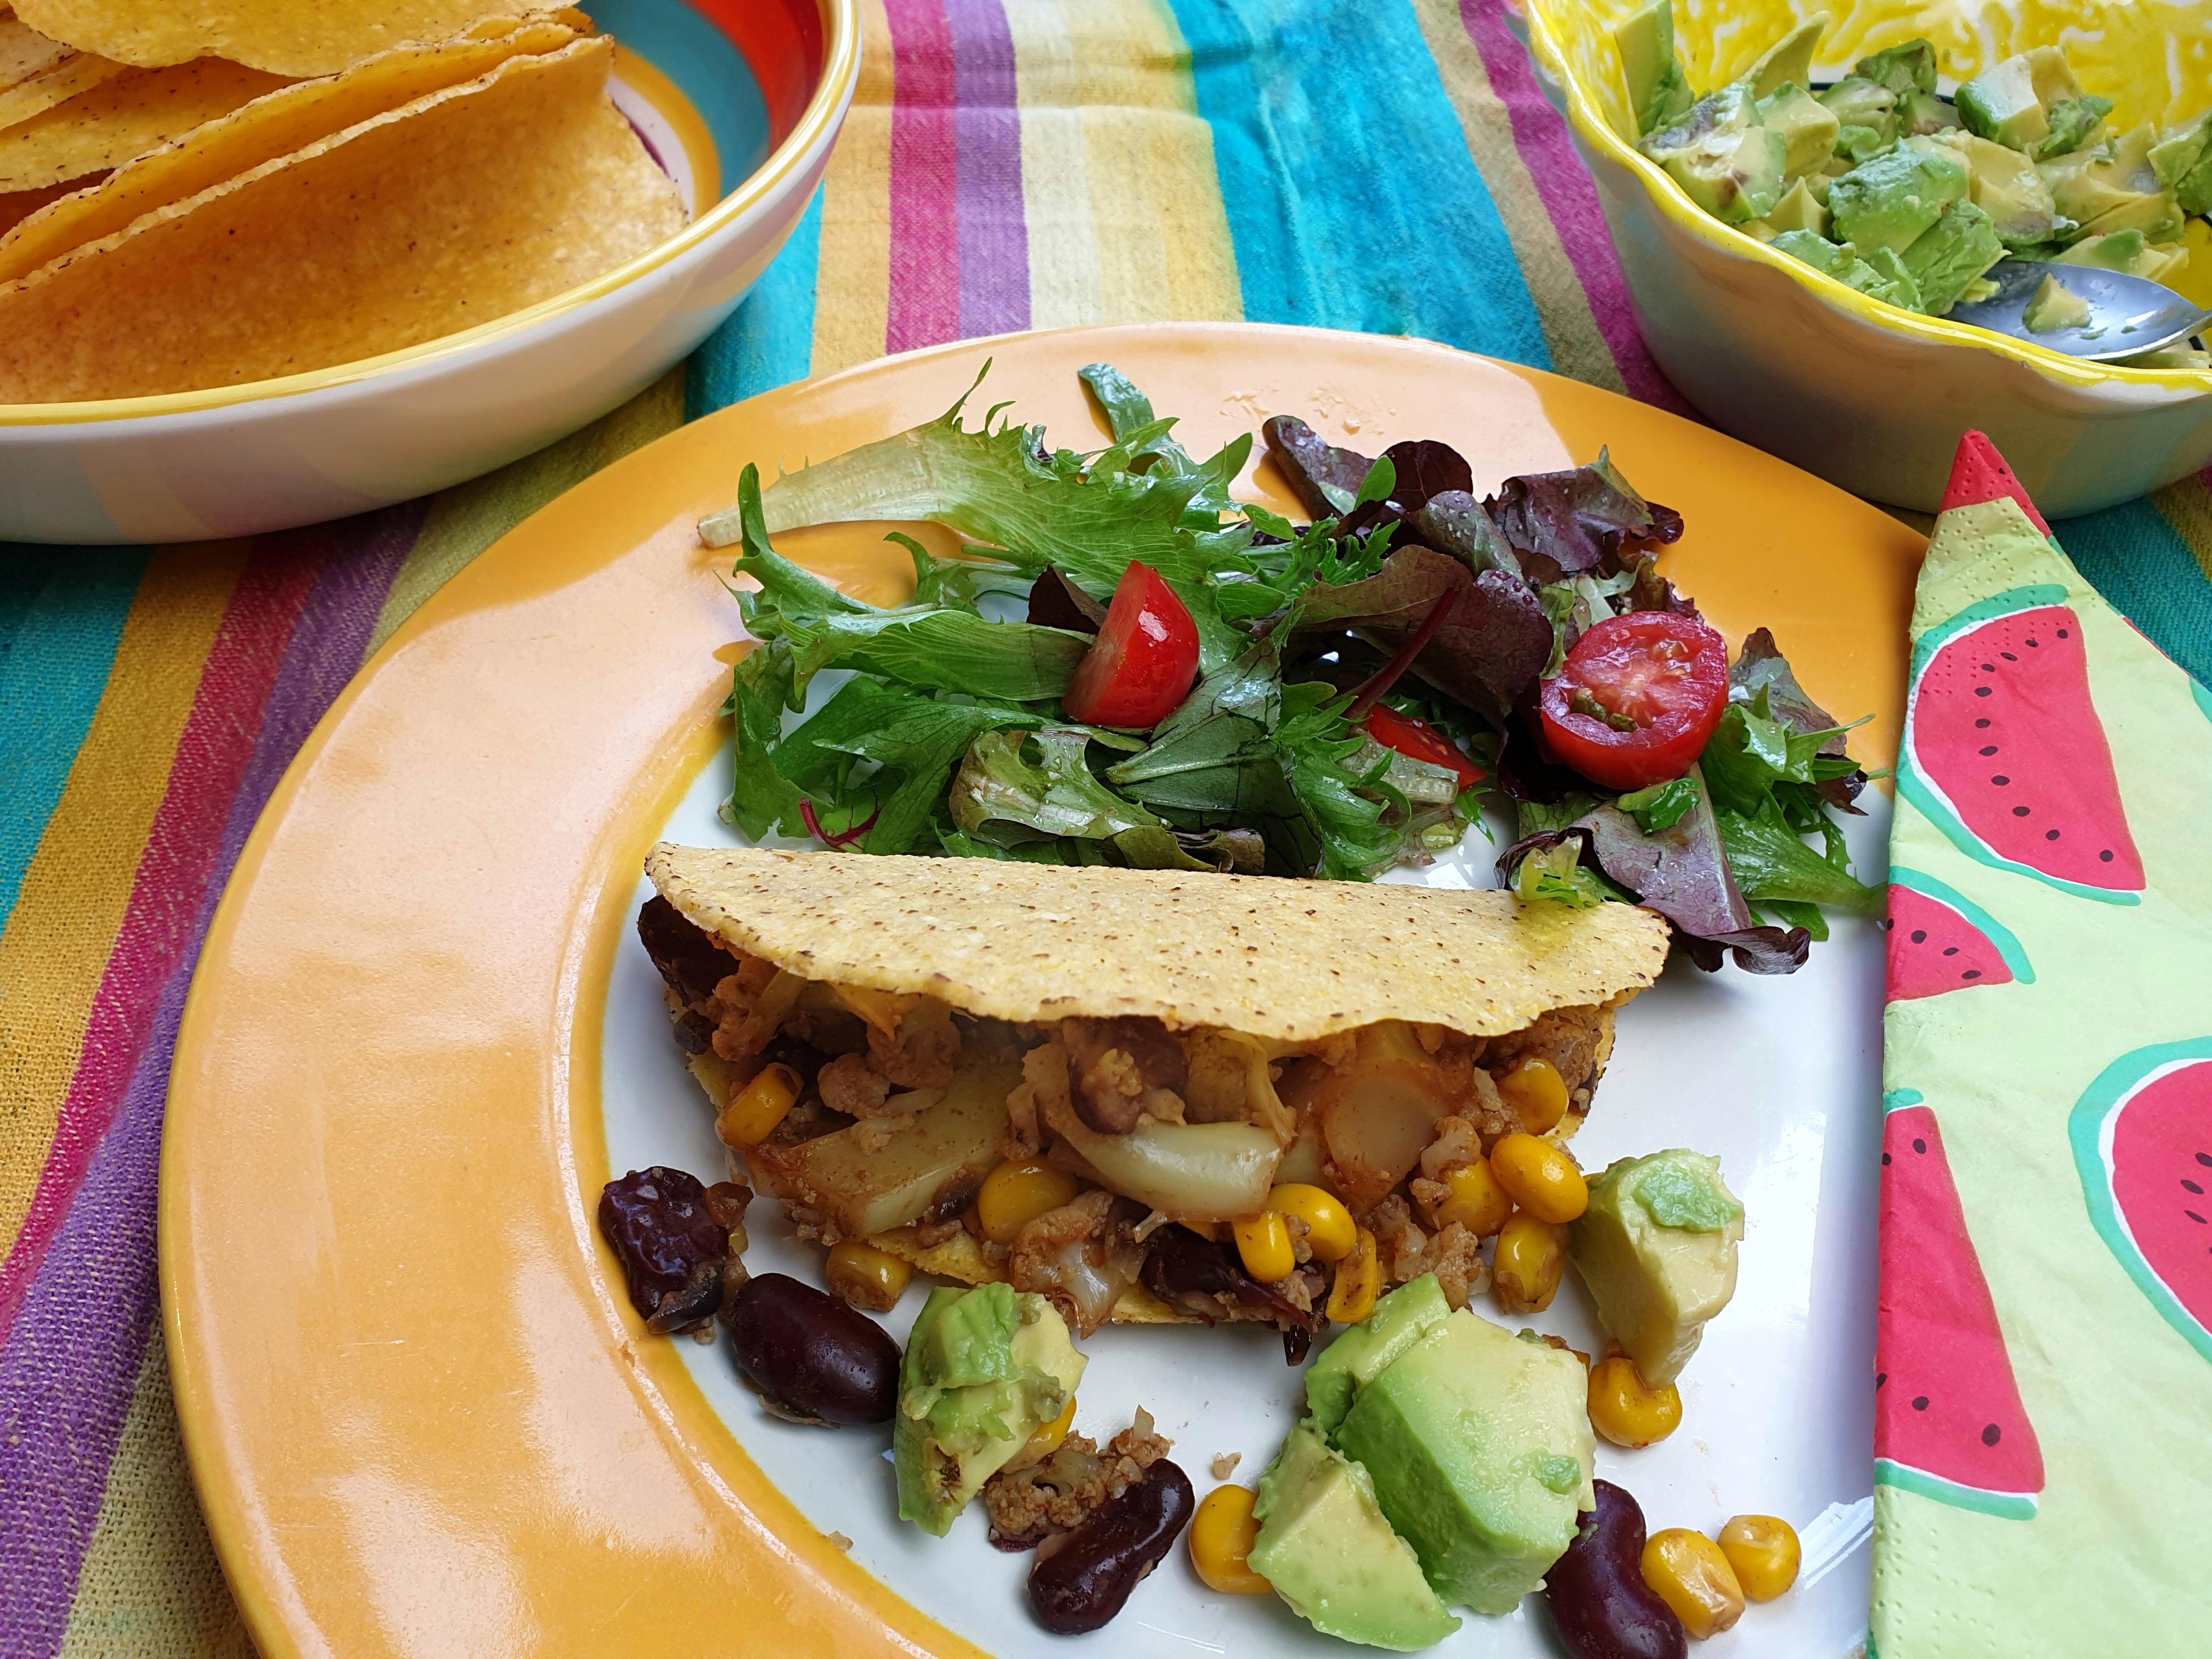 Taco's met bloemkool, bonen en mais